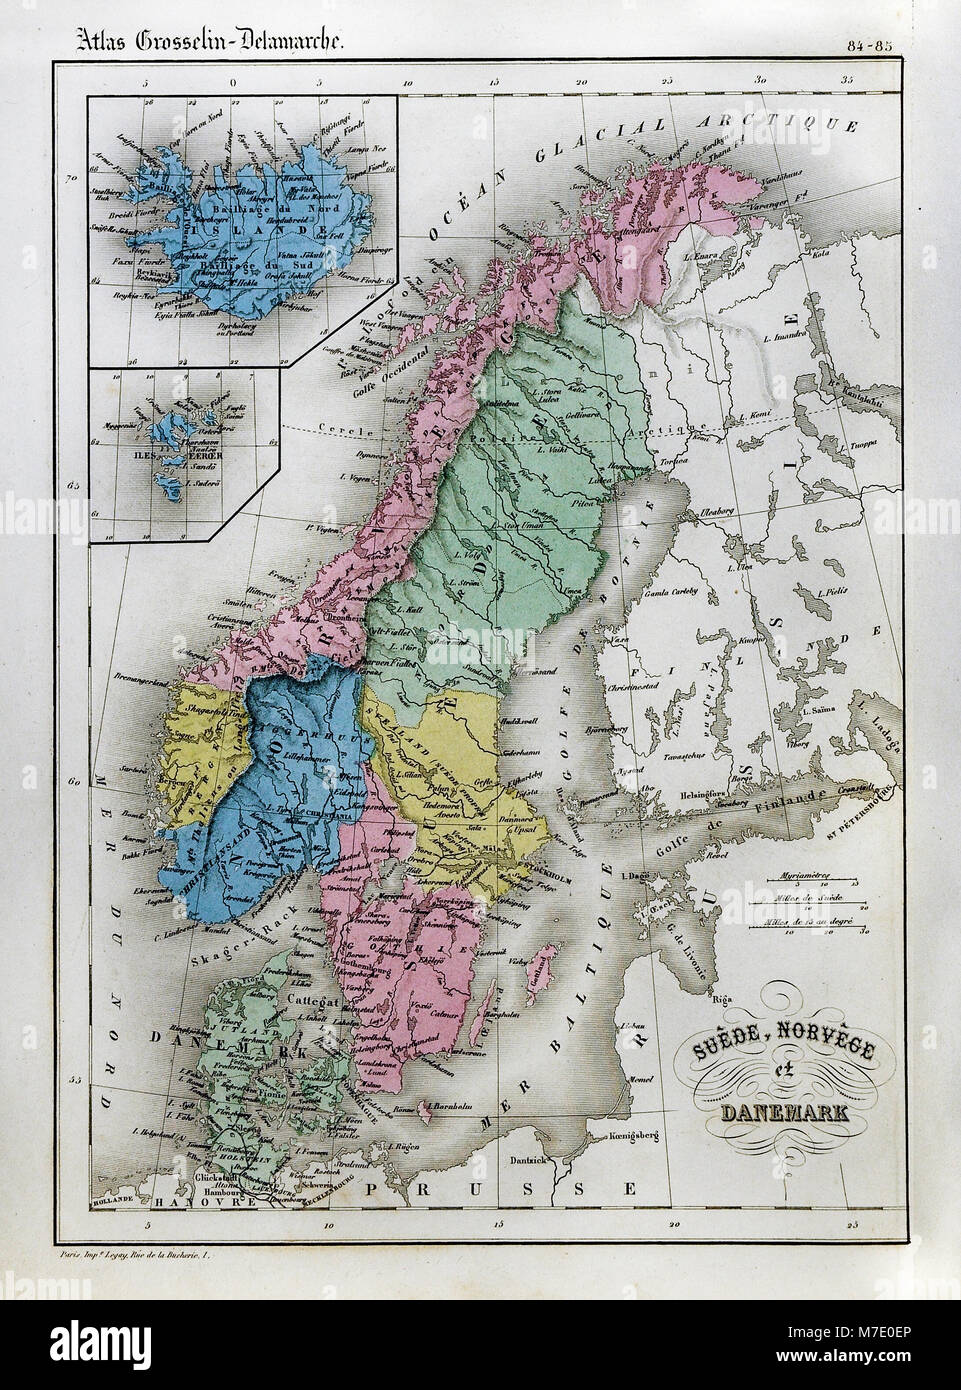 Karte Norwegen Dänemark.1858 Delamarche Karte Skandinavien Europa Schweden Norwegen